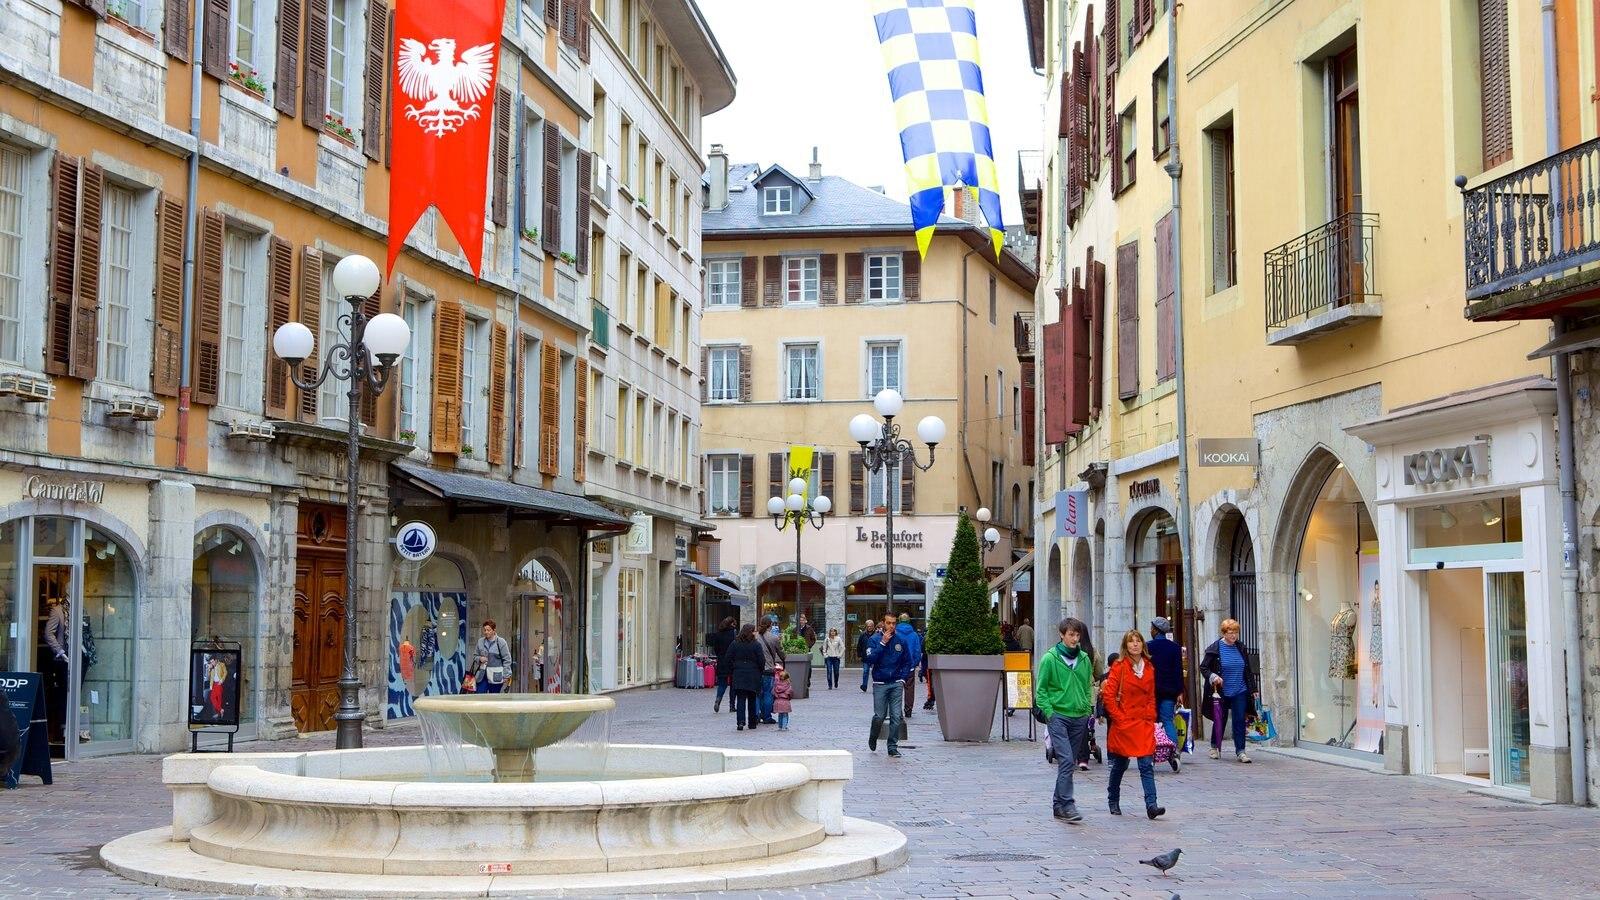 Chambery que inclui cenas de rua, arquitetura de patrimônio e uma fonte